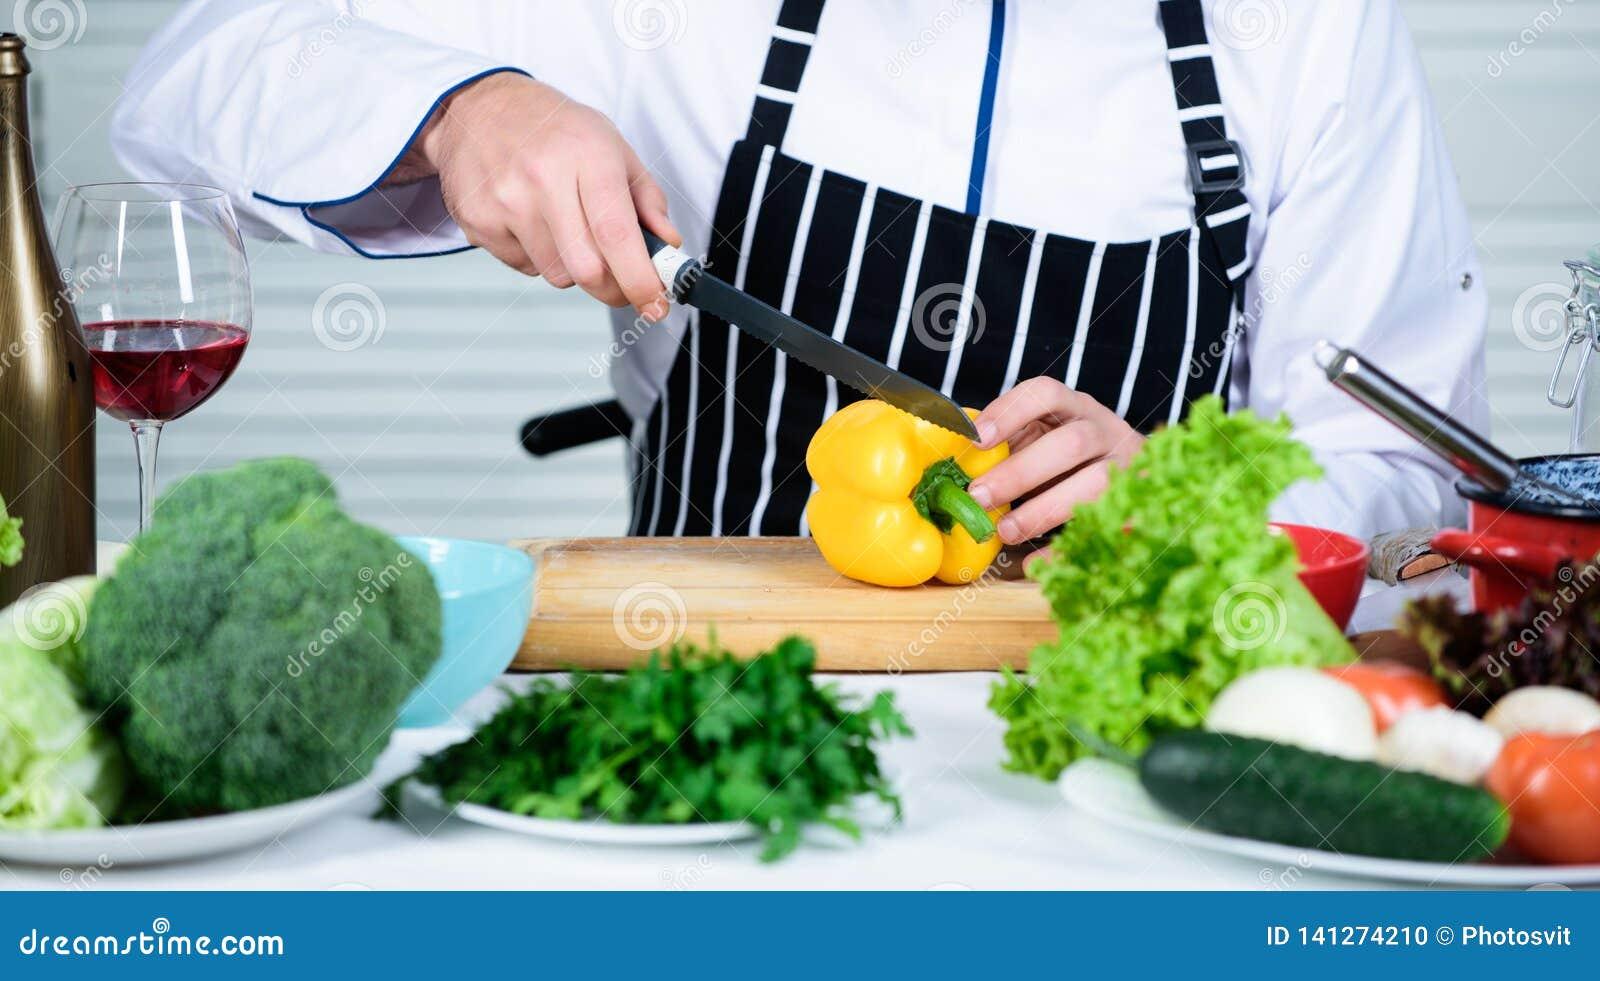 Útil para a quantidade significativa de cozinhar métodos Processos de cozimento básicos Cozinheiro chefe mestre do homem ou alime